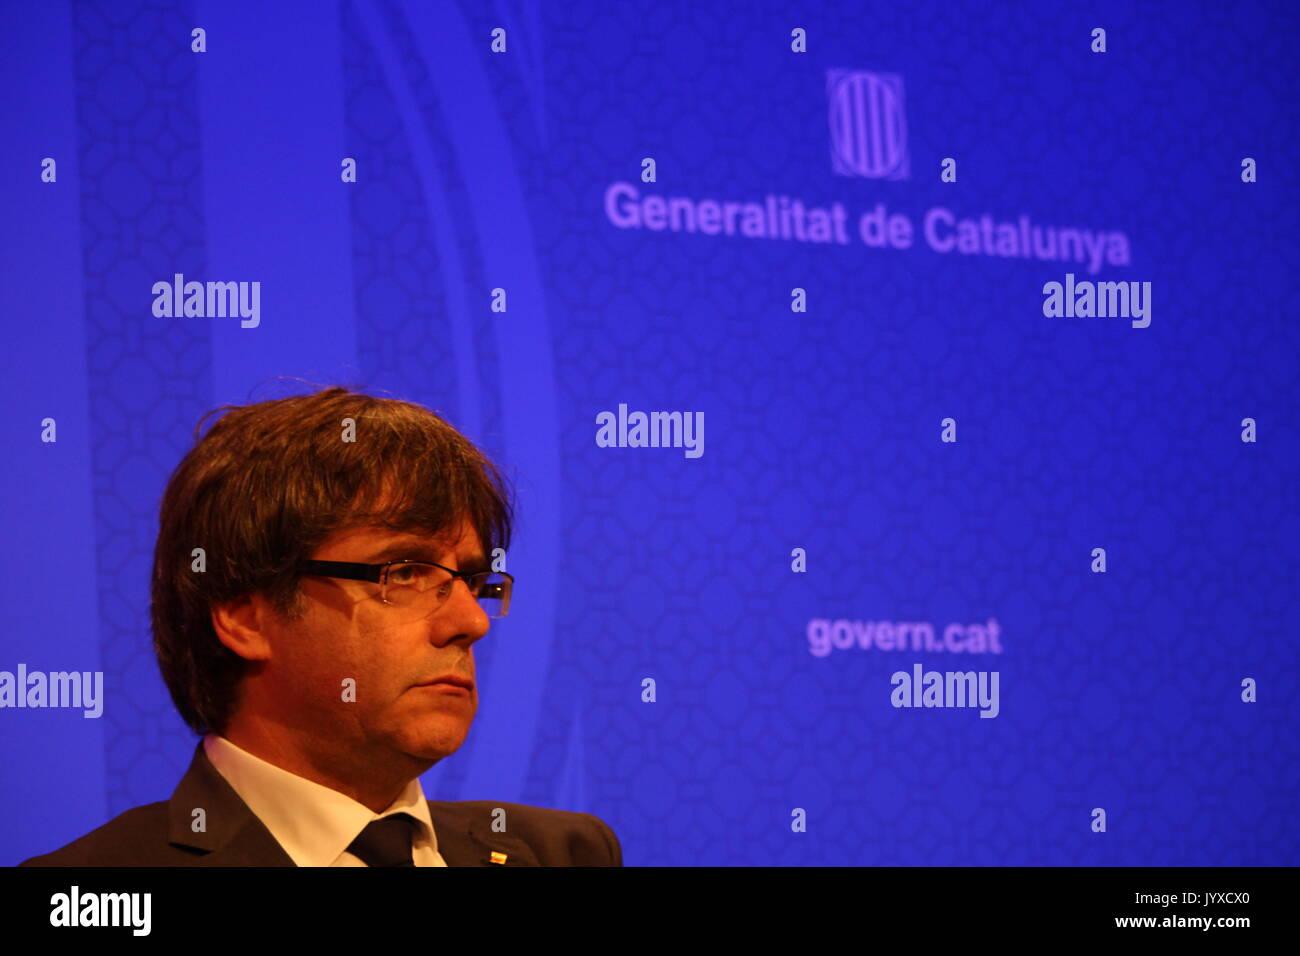 Barcelone, Espagne. 20e Août, 2017. Le président du gouvernement de la Catalogne Carles Puigdemont, salles de la presse étrangère à Palau de la Generalitat trois jours après l'attaque terroriste sur Ramblas Crédit: Dino/Geromella Alamy Live News Banque D'Images